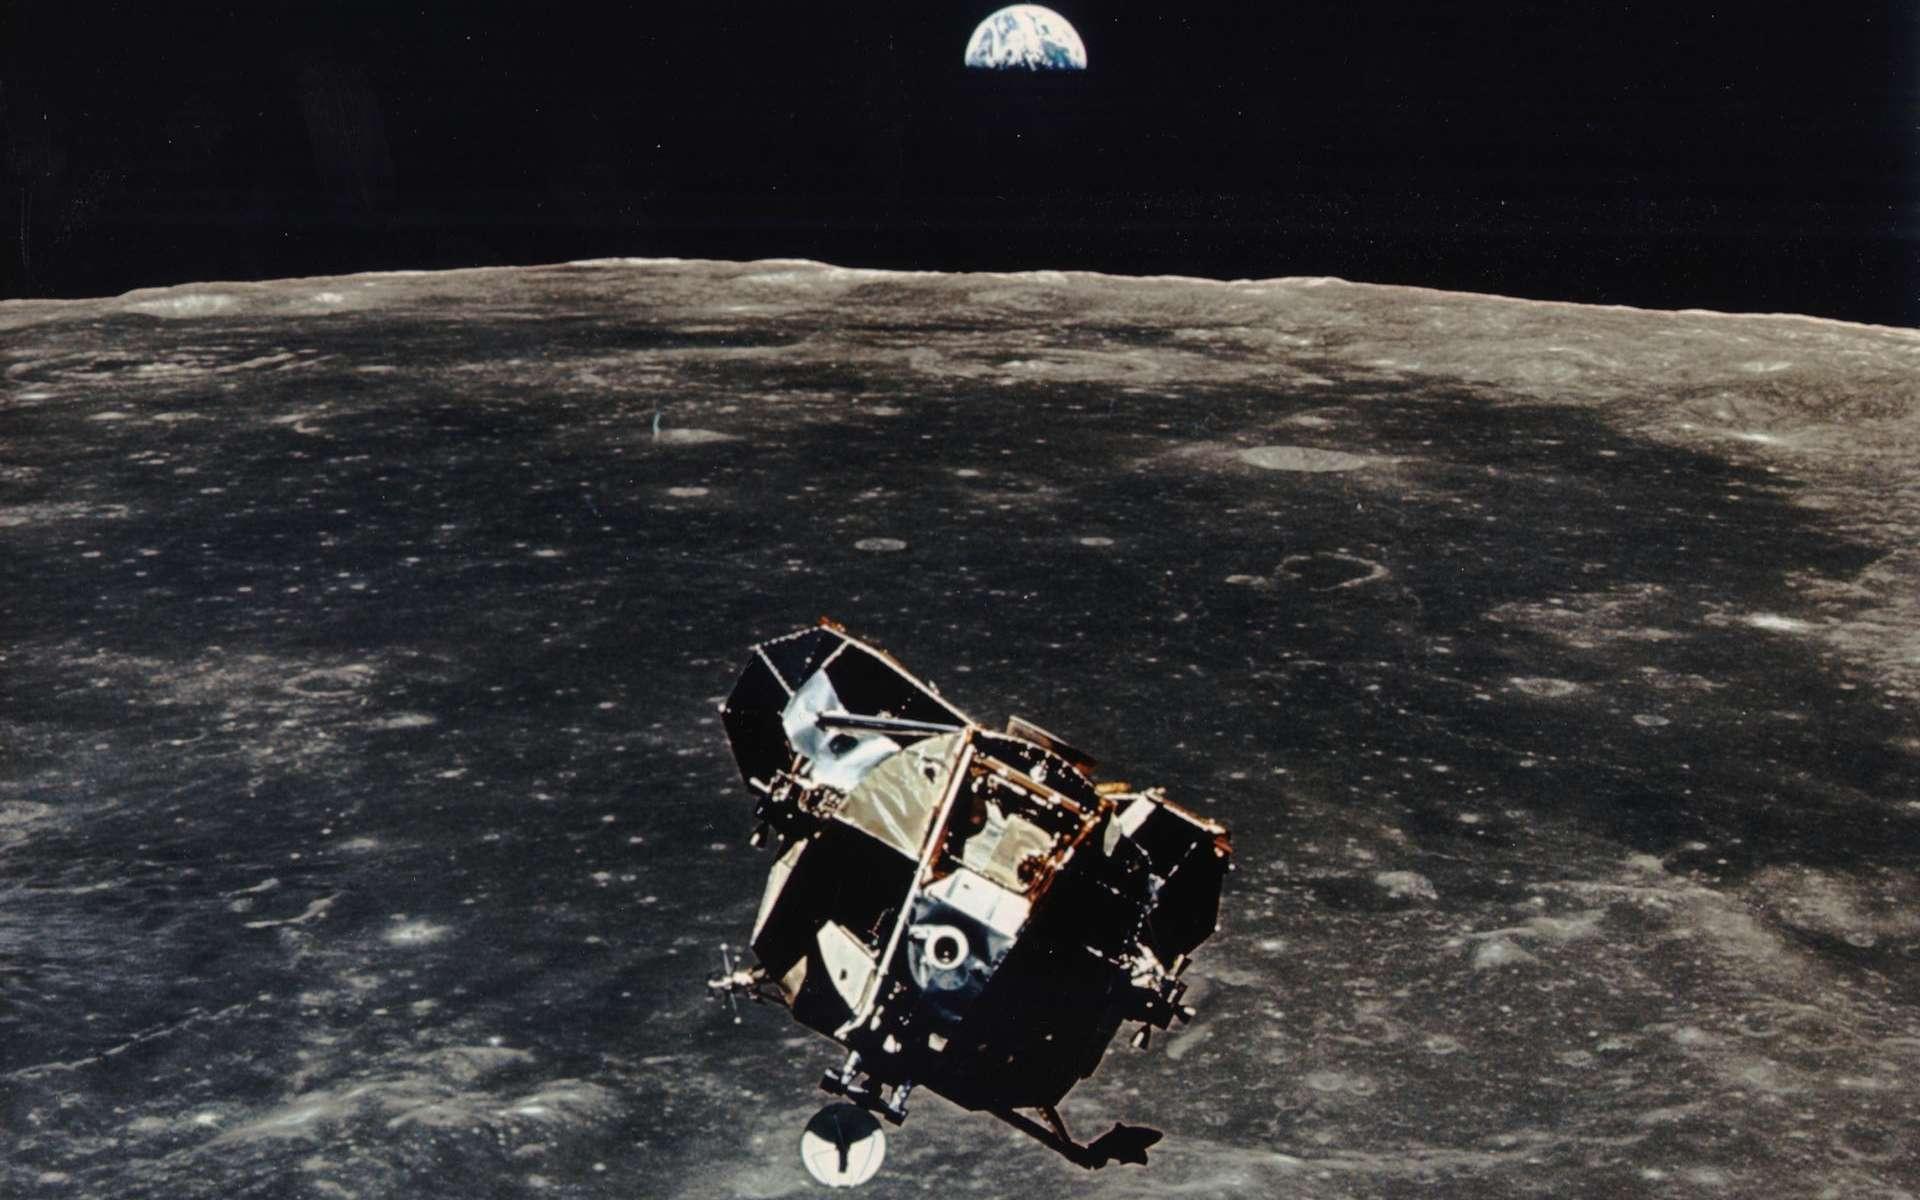 Le module lunaire d'Apollo 11 après la séparation. © Nasa